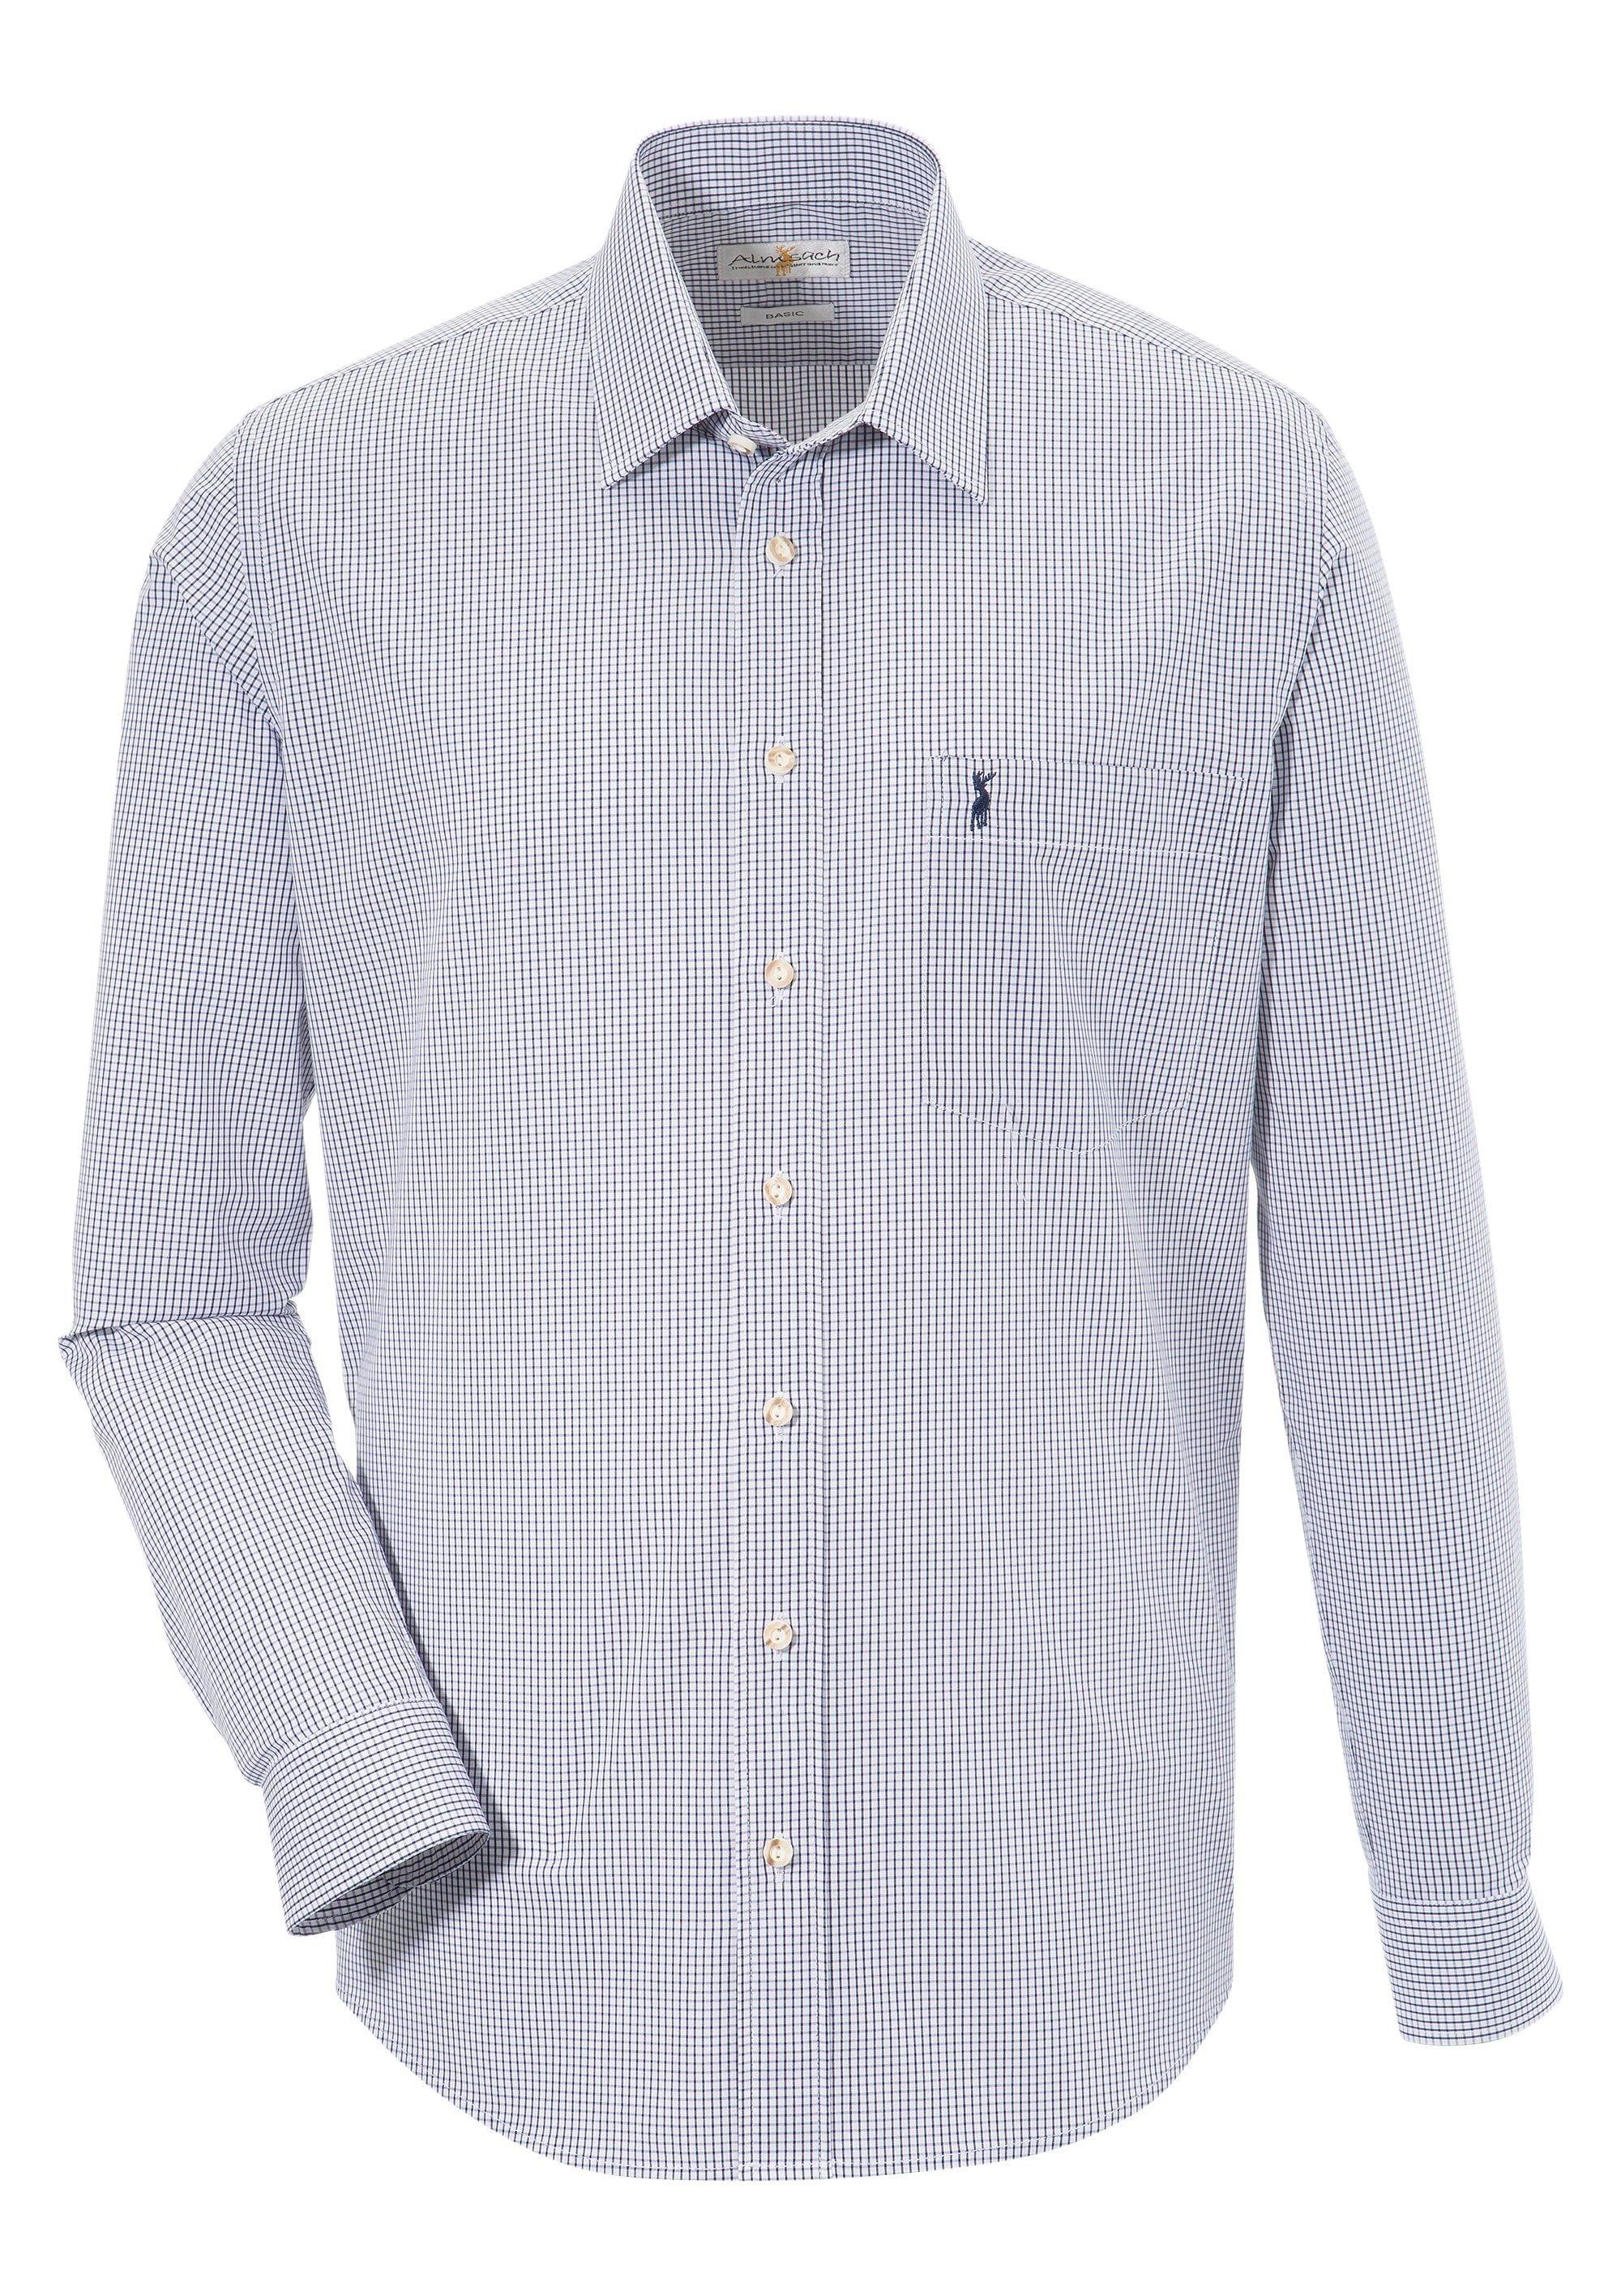 Image of Almsach Trachtenhemd, im klassischen Karo-Design